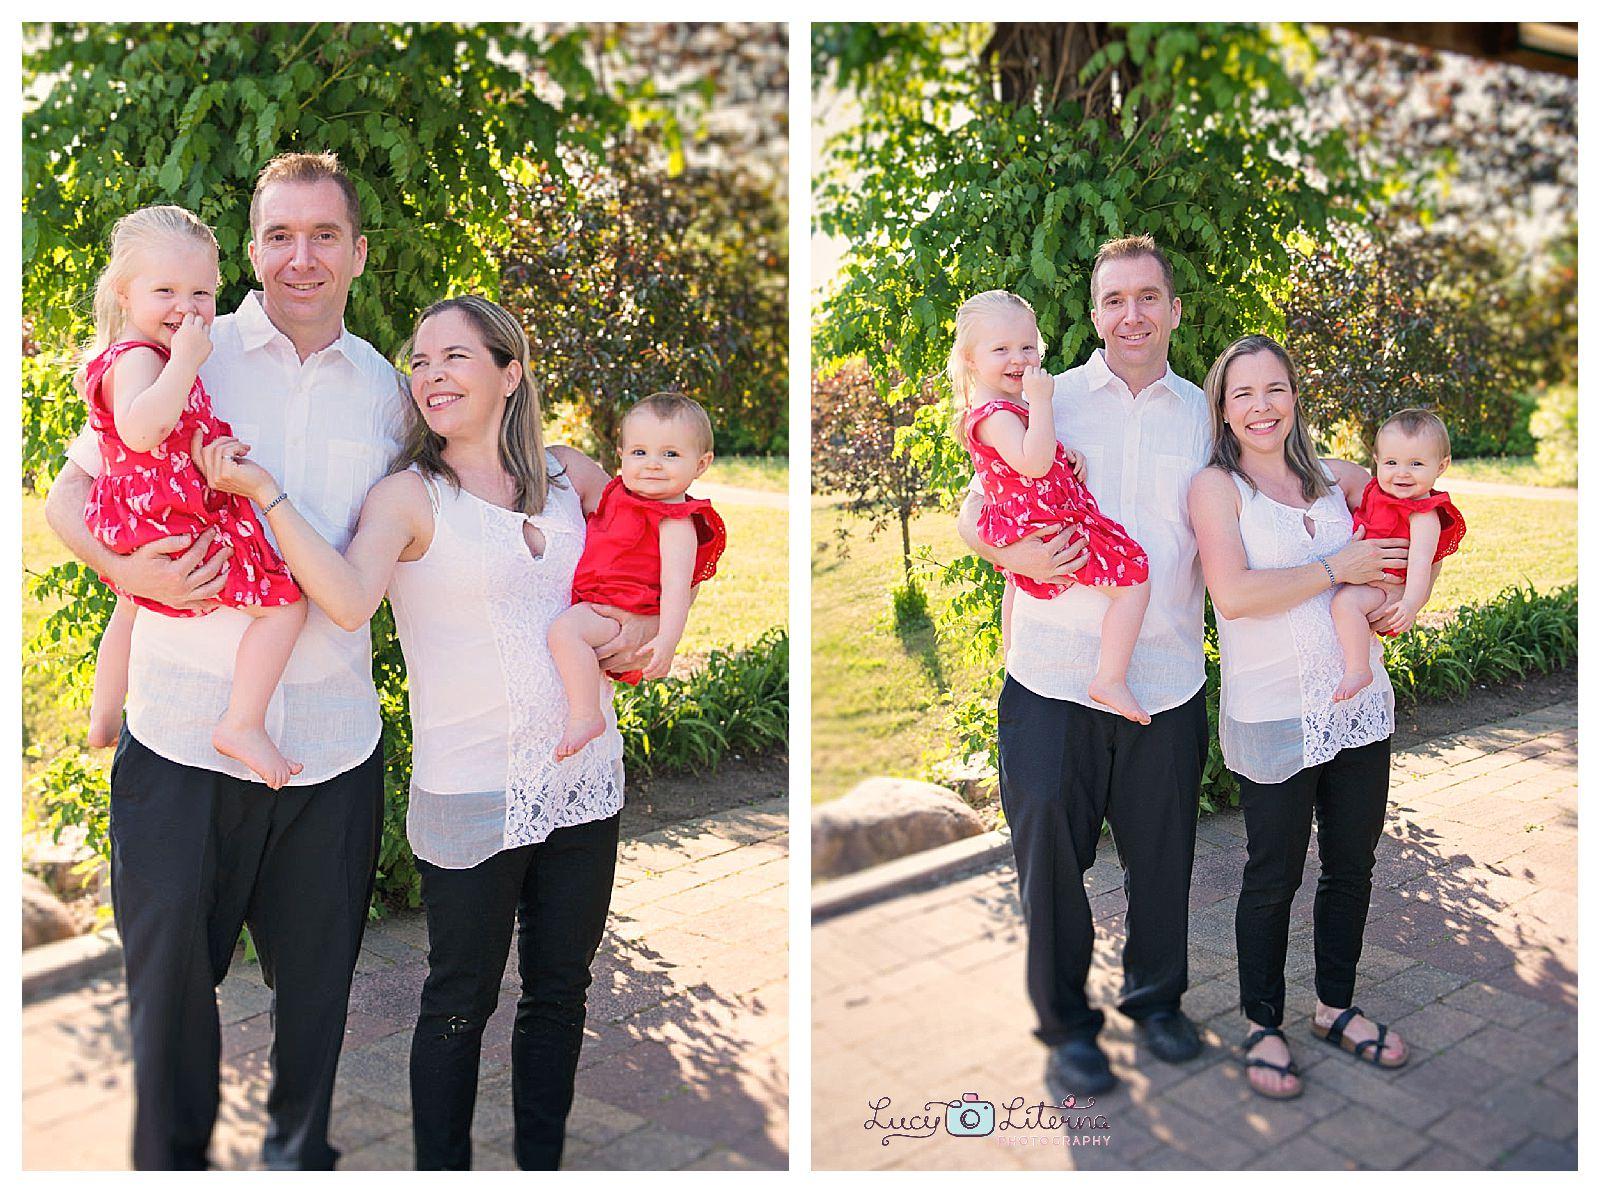 family photography markham